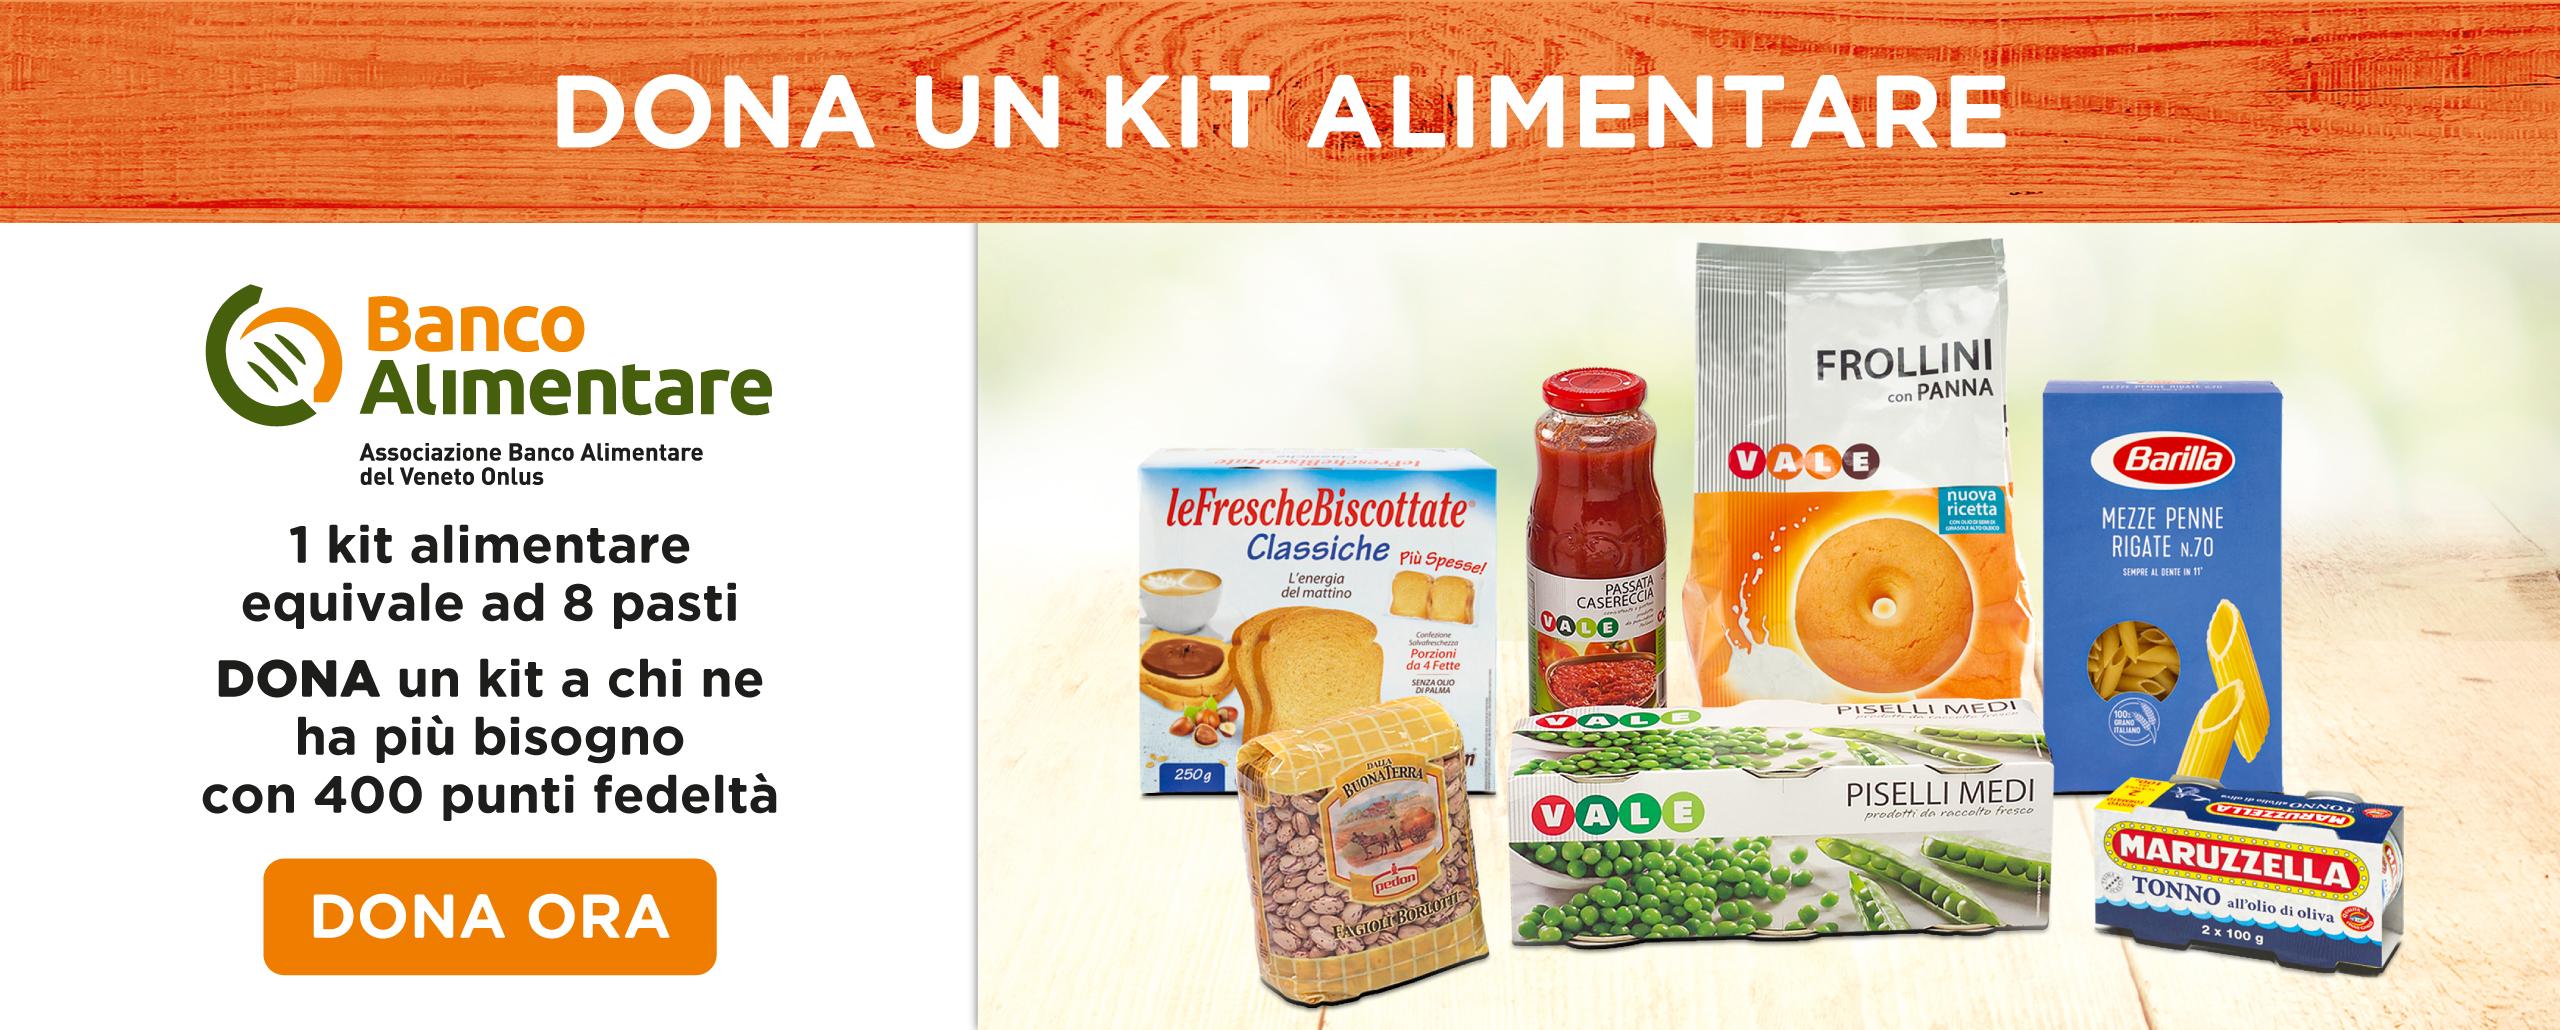 Donazione Kit Banco Alimentare (sito)